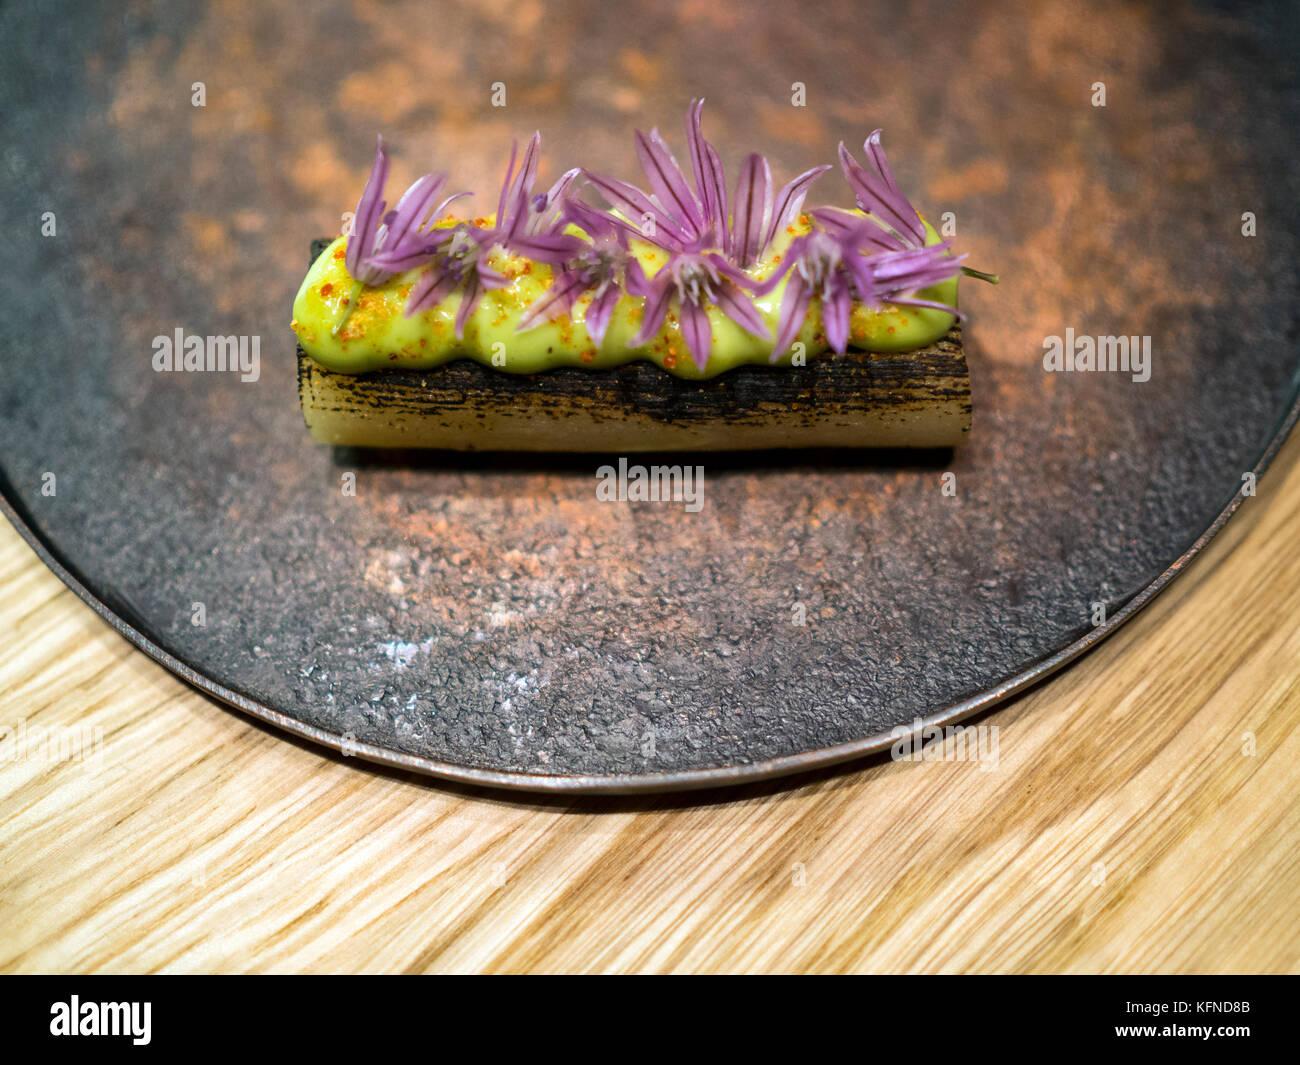 Verkohlter Lauch mit wilden Schnittblumen, zubereitet von Pai Holmberg aus Bifångst, einem Restaurant mit zwei Plätzen Stockfoto